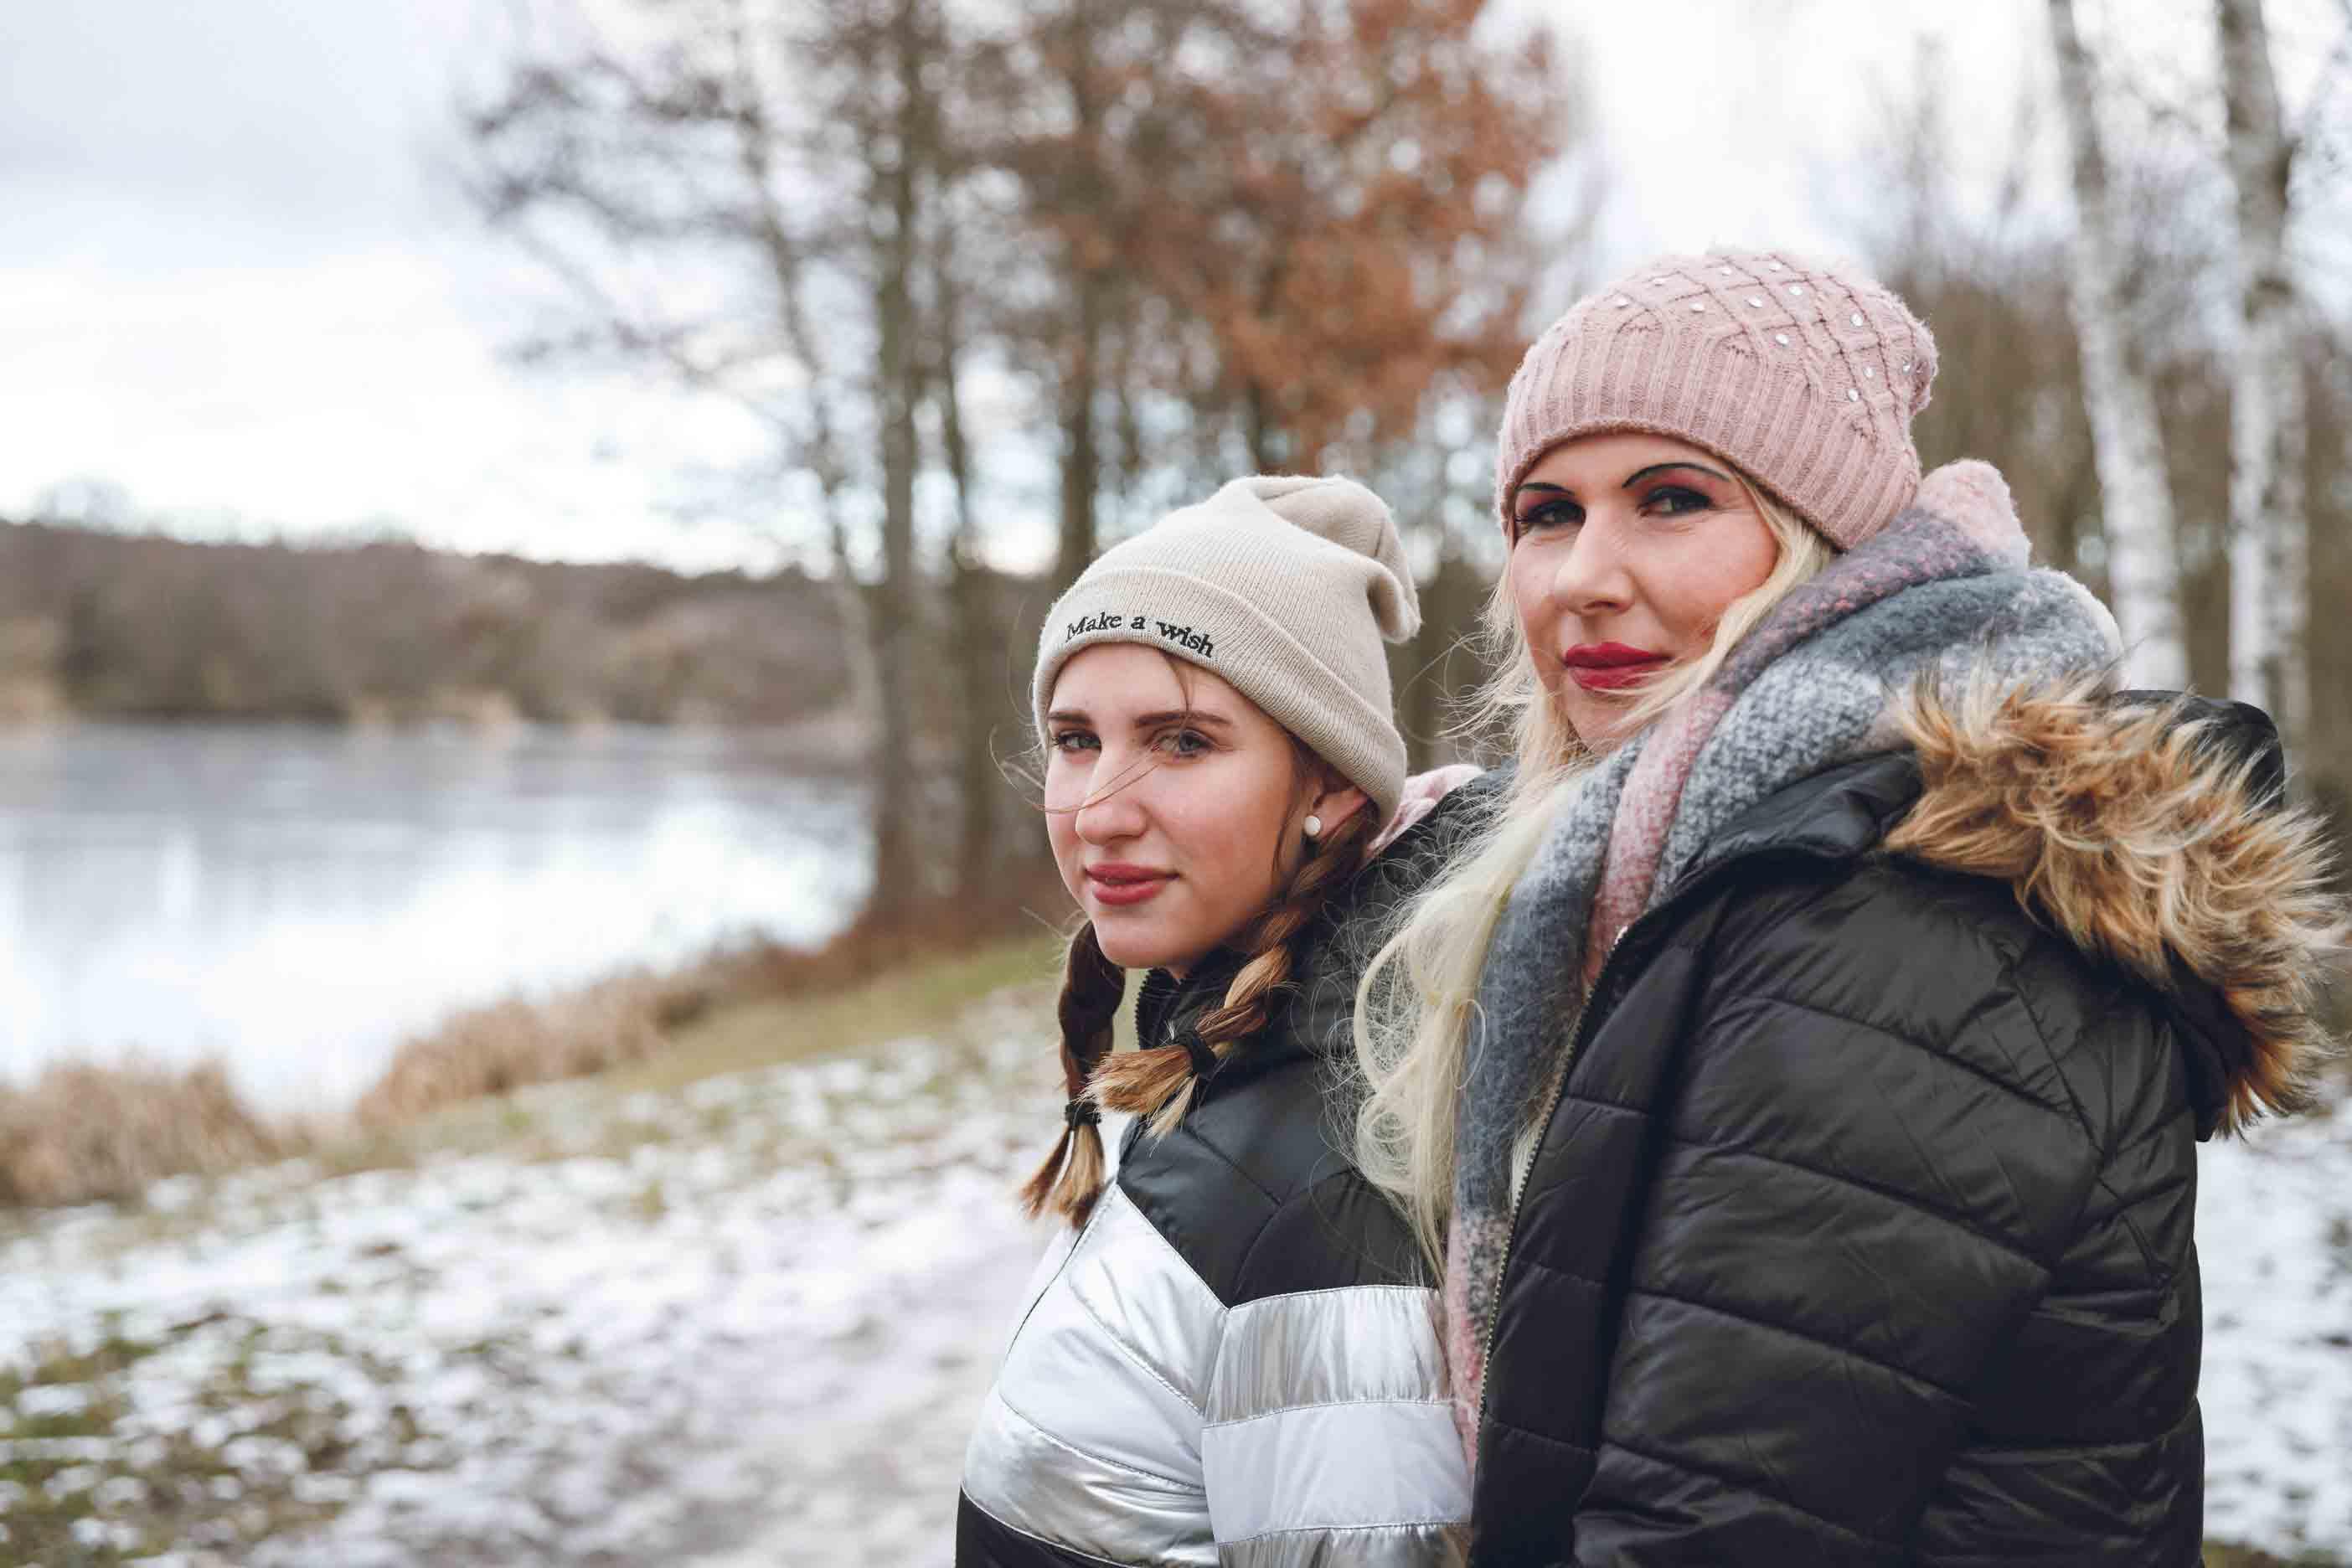 Mutter und Tochter – Portraits am Rothsee zum Muttertag IMG 7469w